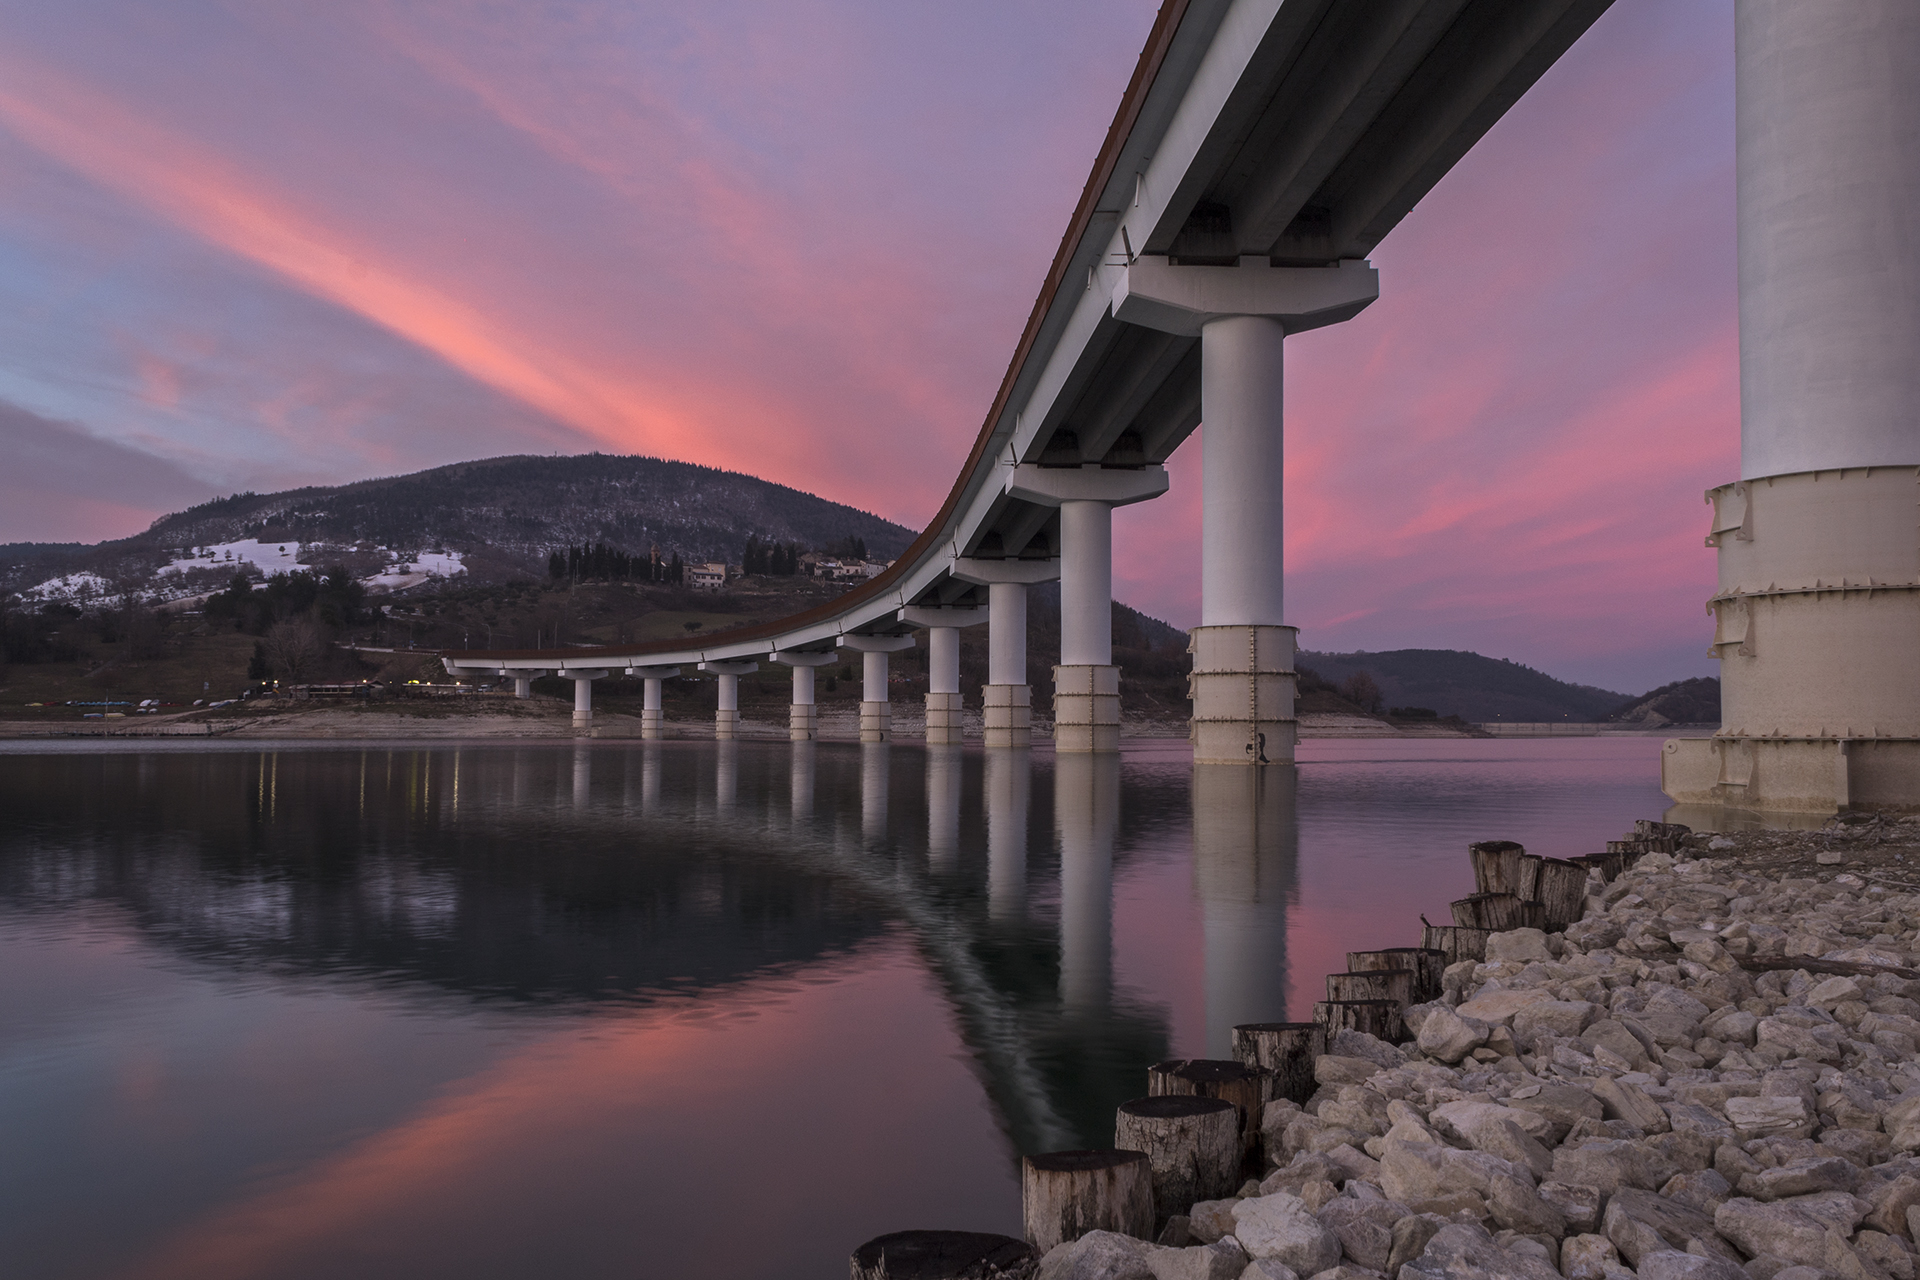 The Bridge over the lake of Castreccioni...